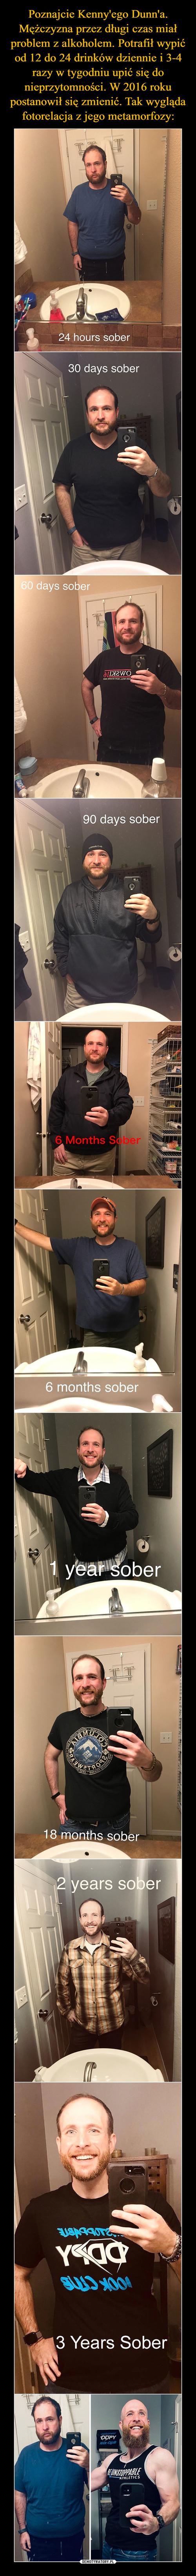 Poznajcie Kenny'ego Dunn'a. Mężczyzna przez długi czas miał problem z alkoholem. Potrafił wypić od 12 do 24 drinków dziennie i 3-4 razy w tygodniu upić się do nieprzytomności. W 2016 roku postanowił się zmienić. Tak wygląda fotorelacja z jego metamorfozy: